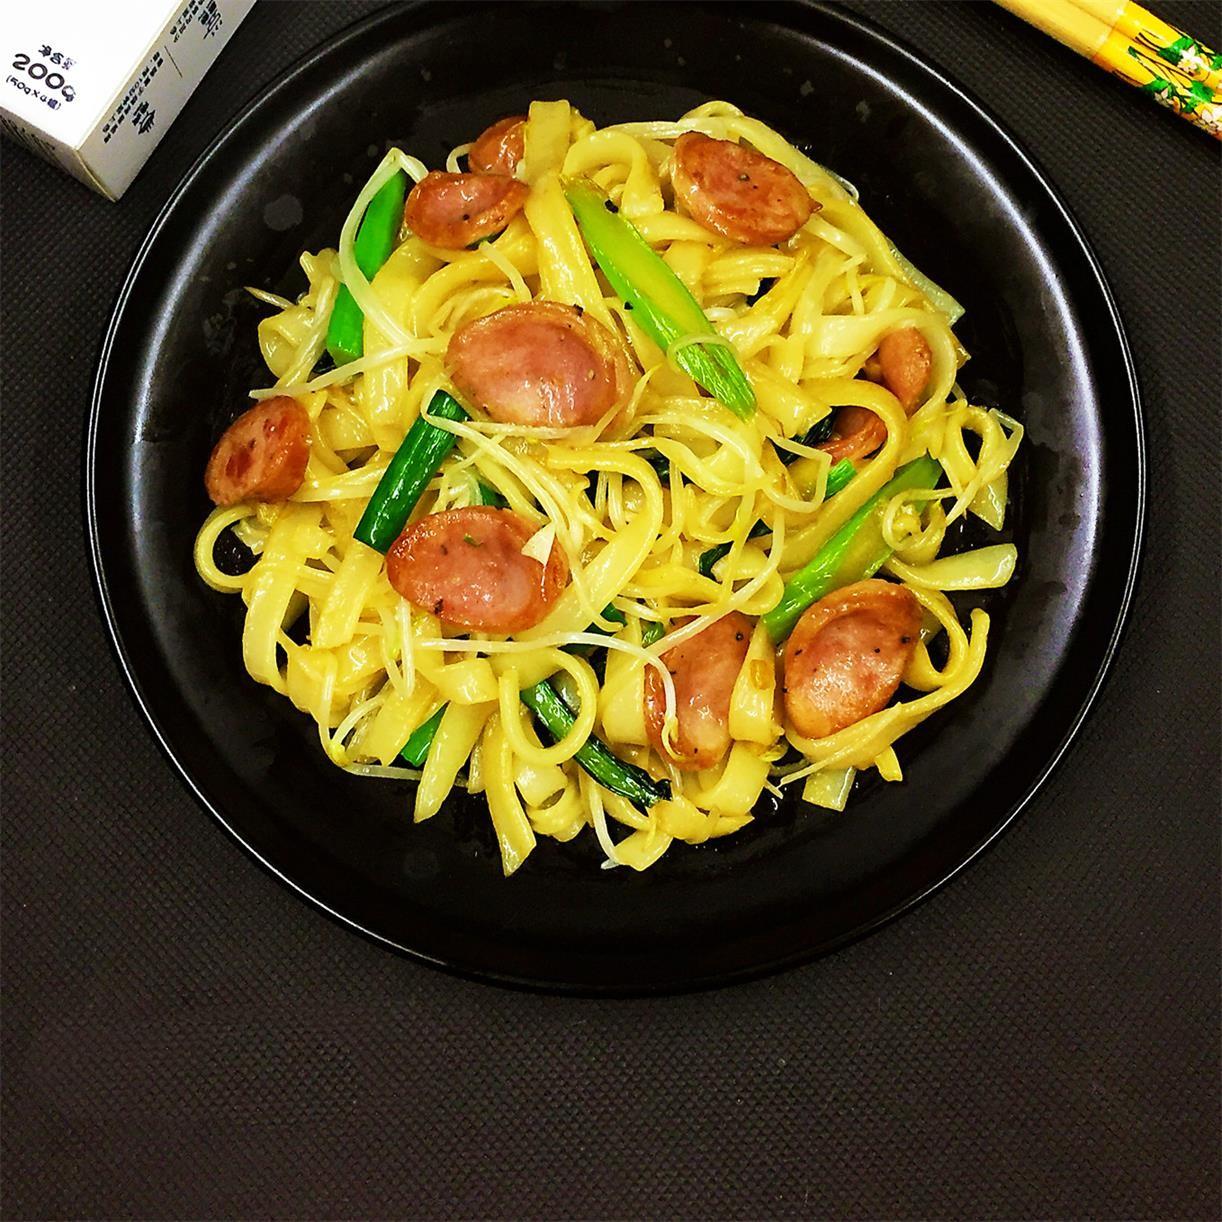 鲜美|黑椒肠芽菜炒河粉